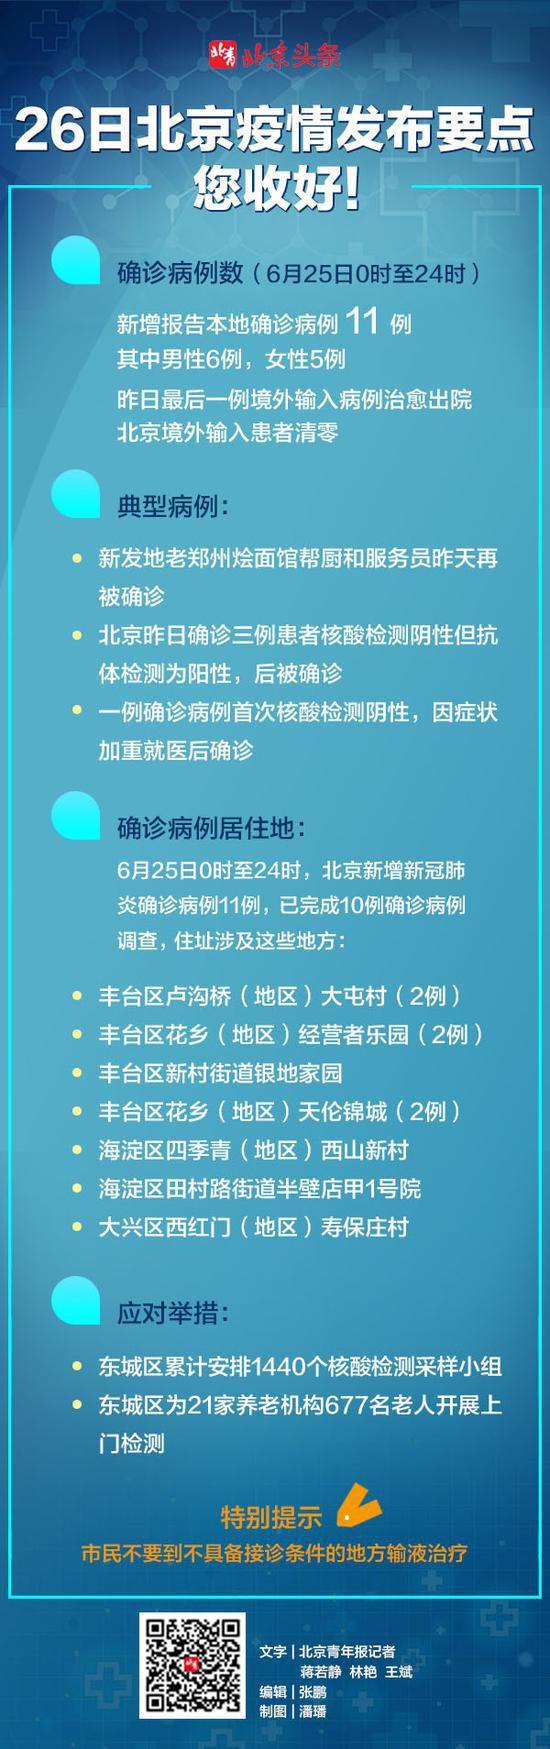 摩天娱乐:北京疫情防控发布会摩天娱乐要图片